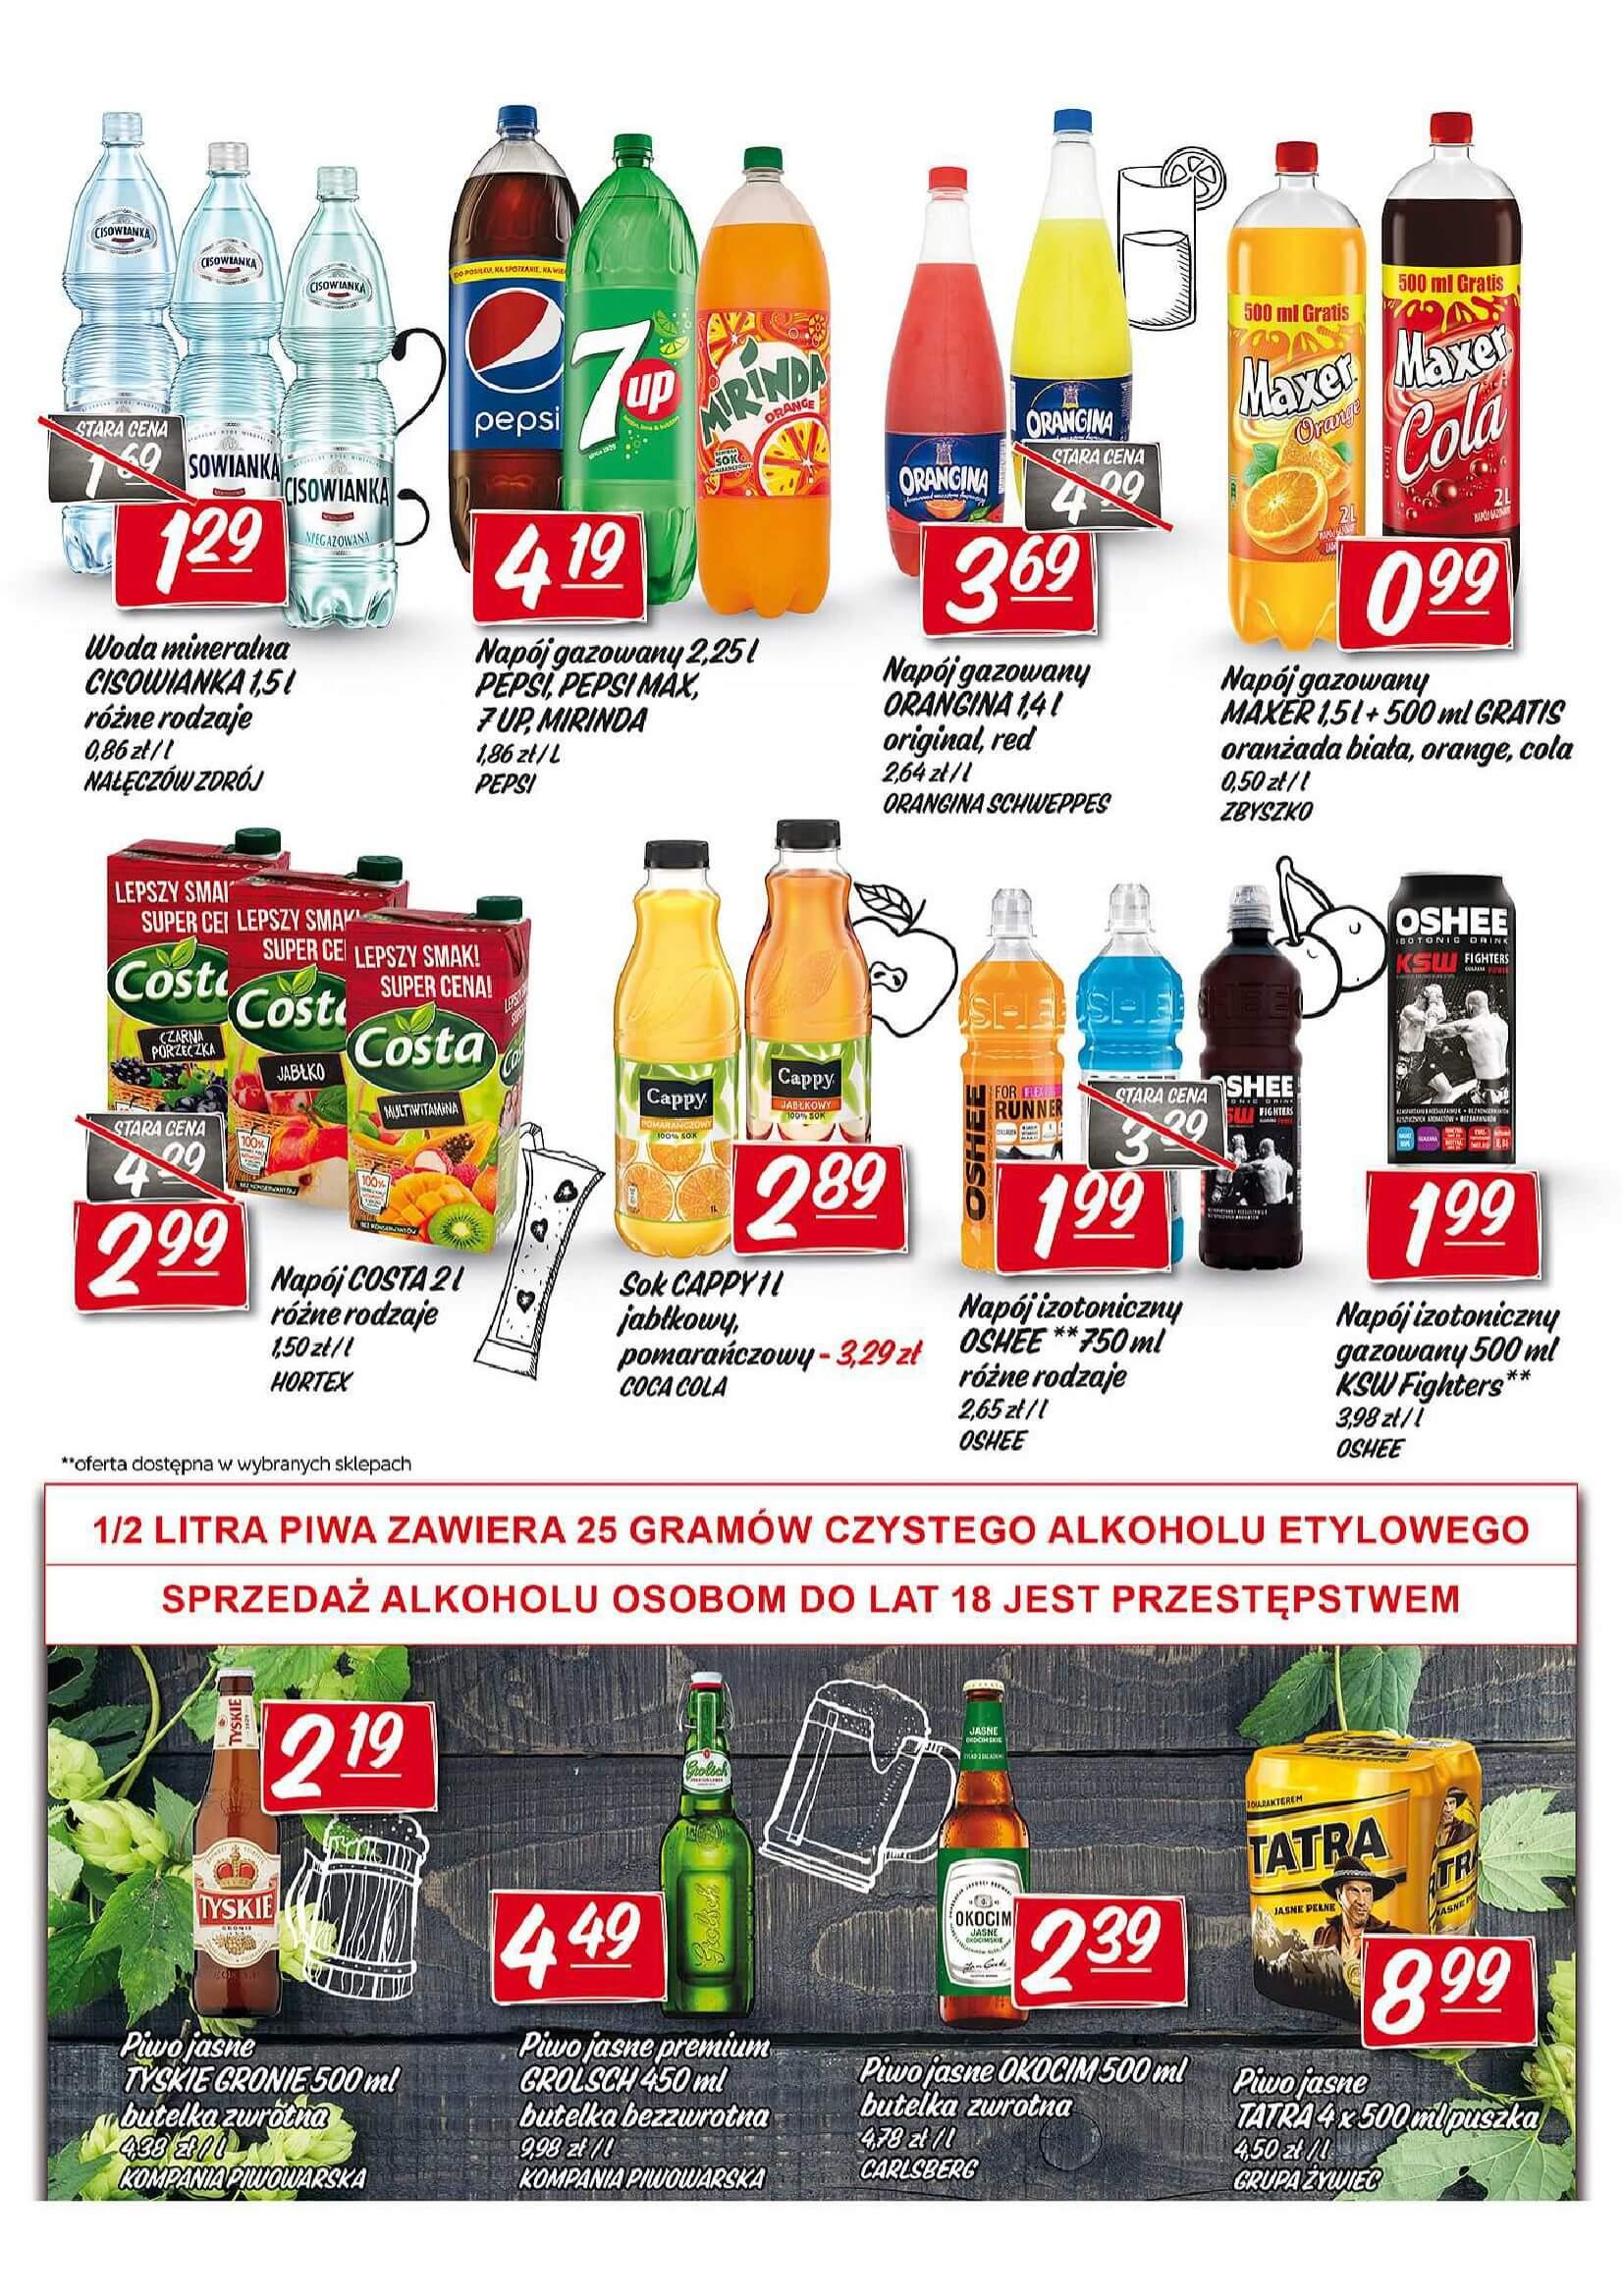 Gazetka Aldik - Oferta na artykuły spożywcze-06.12.2017-13.12.2017-page-12